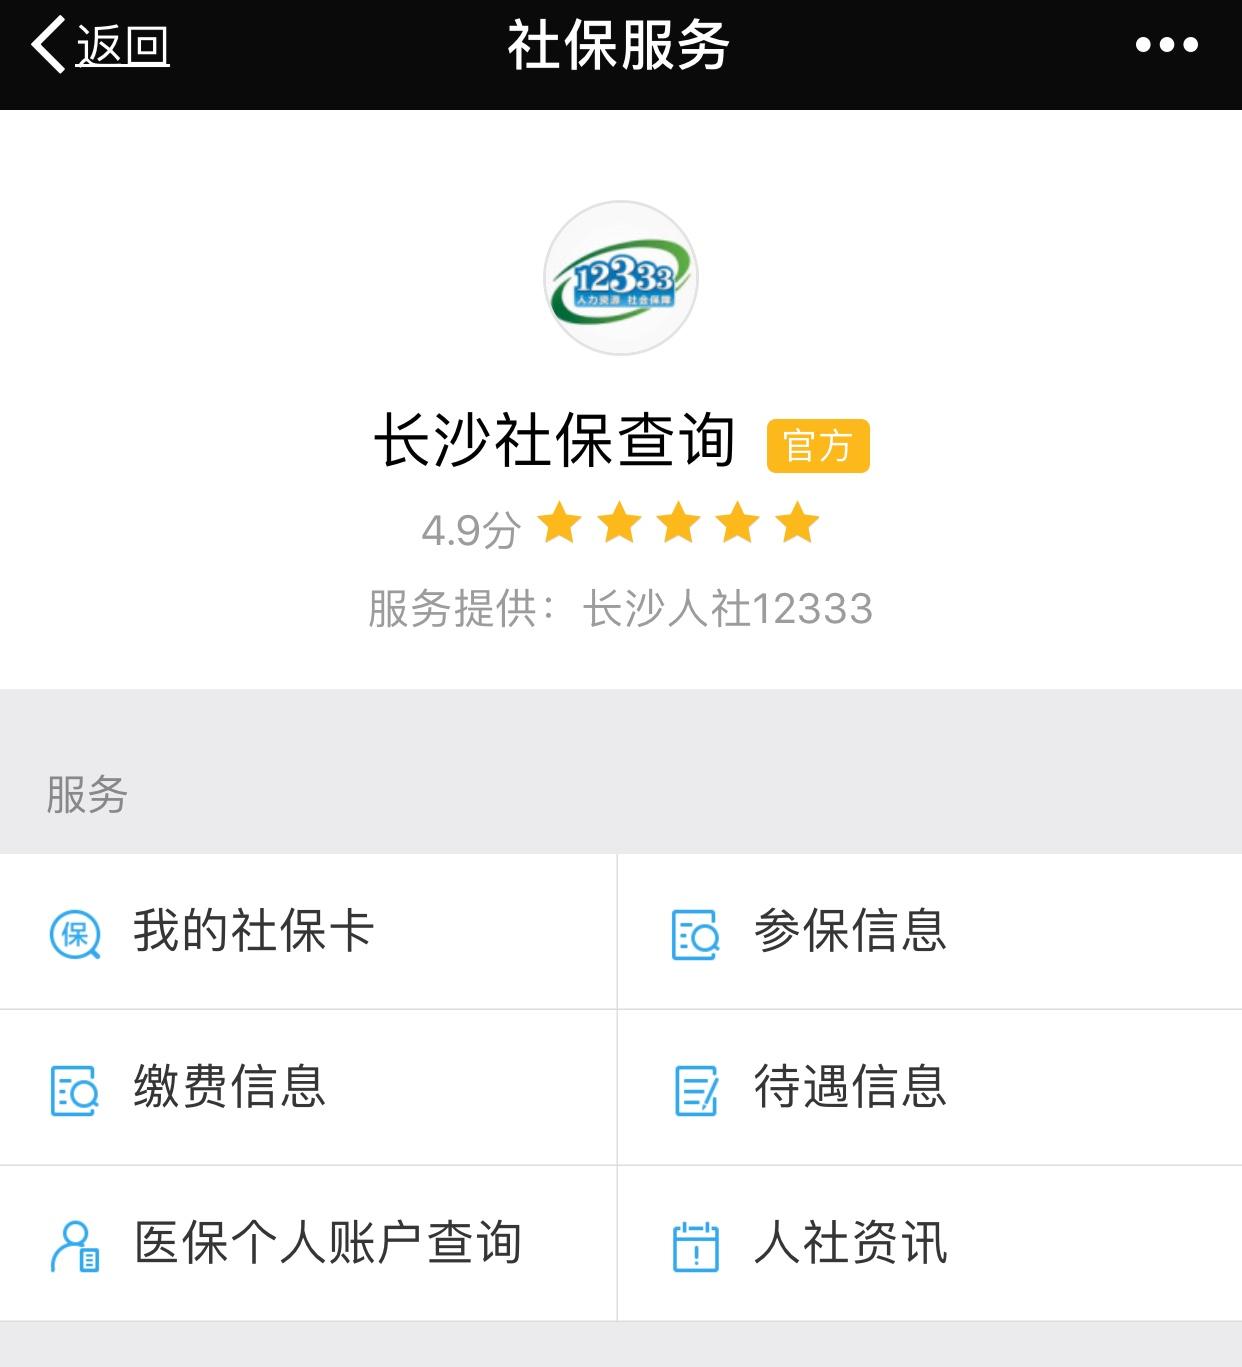 用微信可提取公积金了 武汉公积金提取新规2021